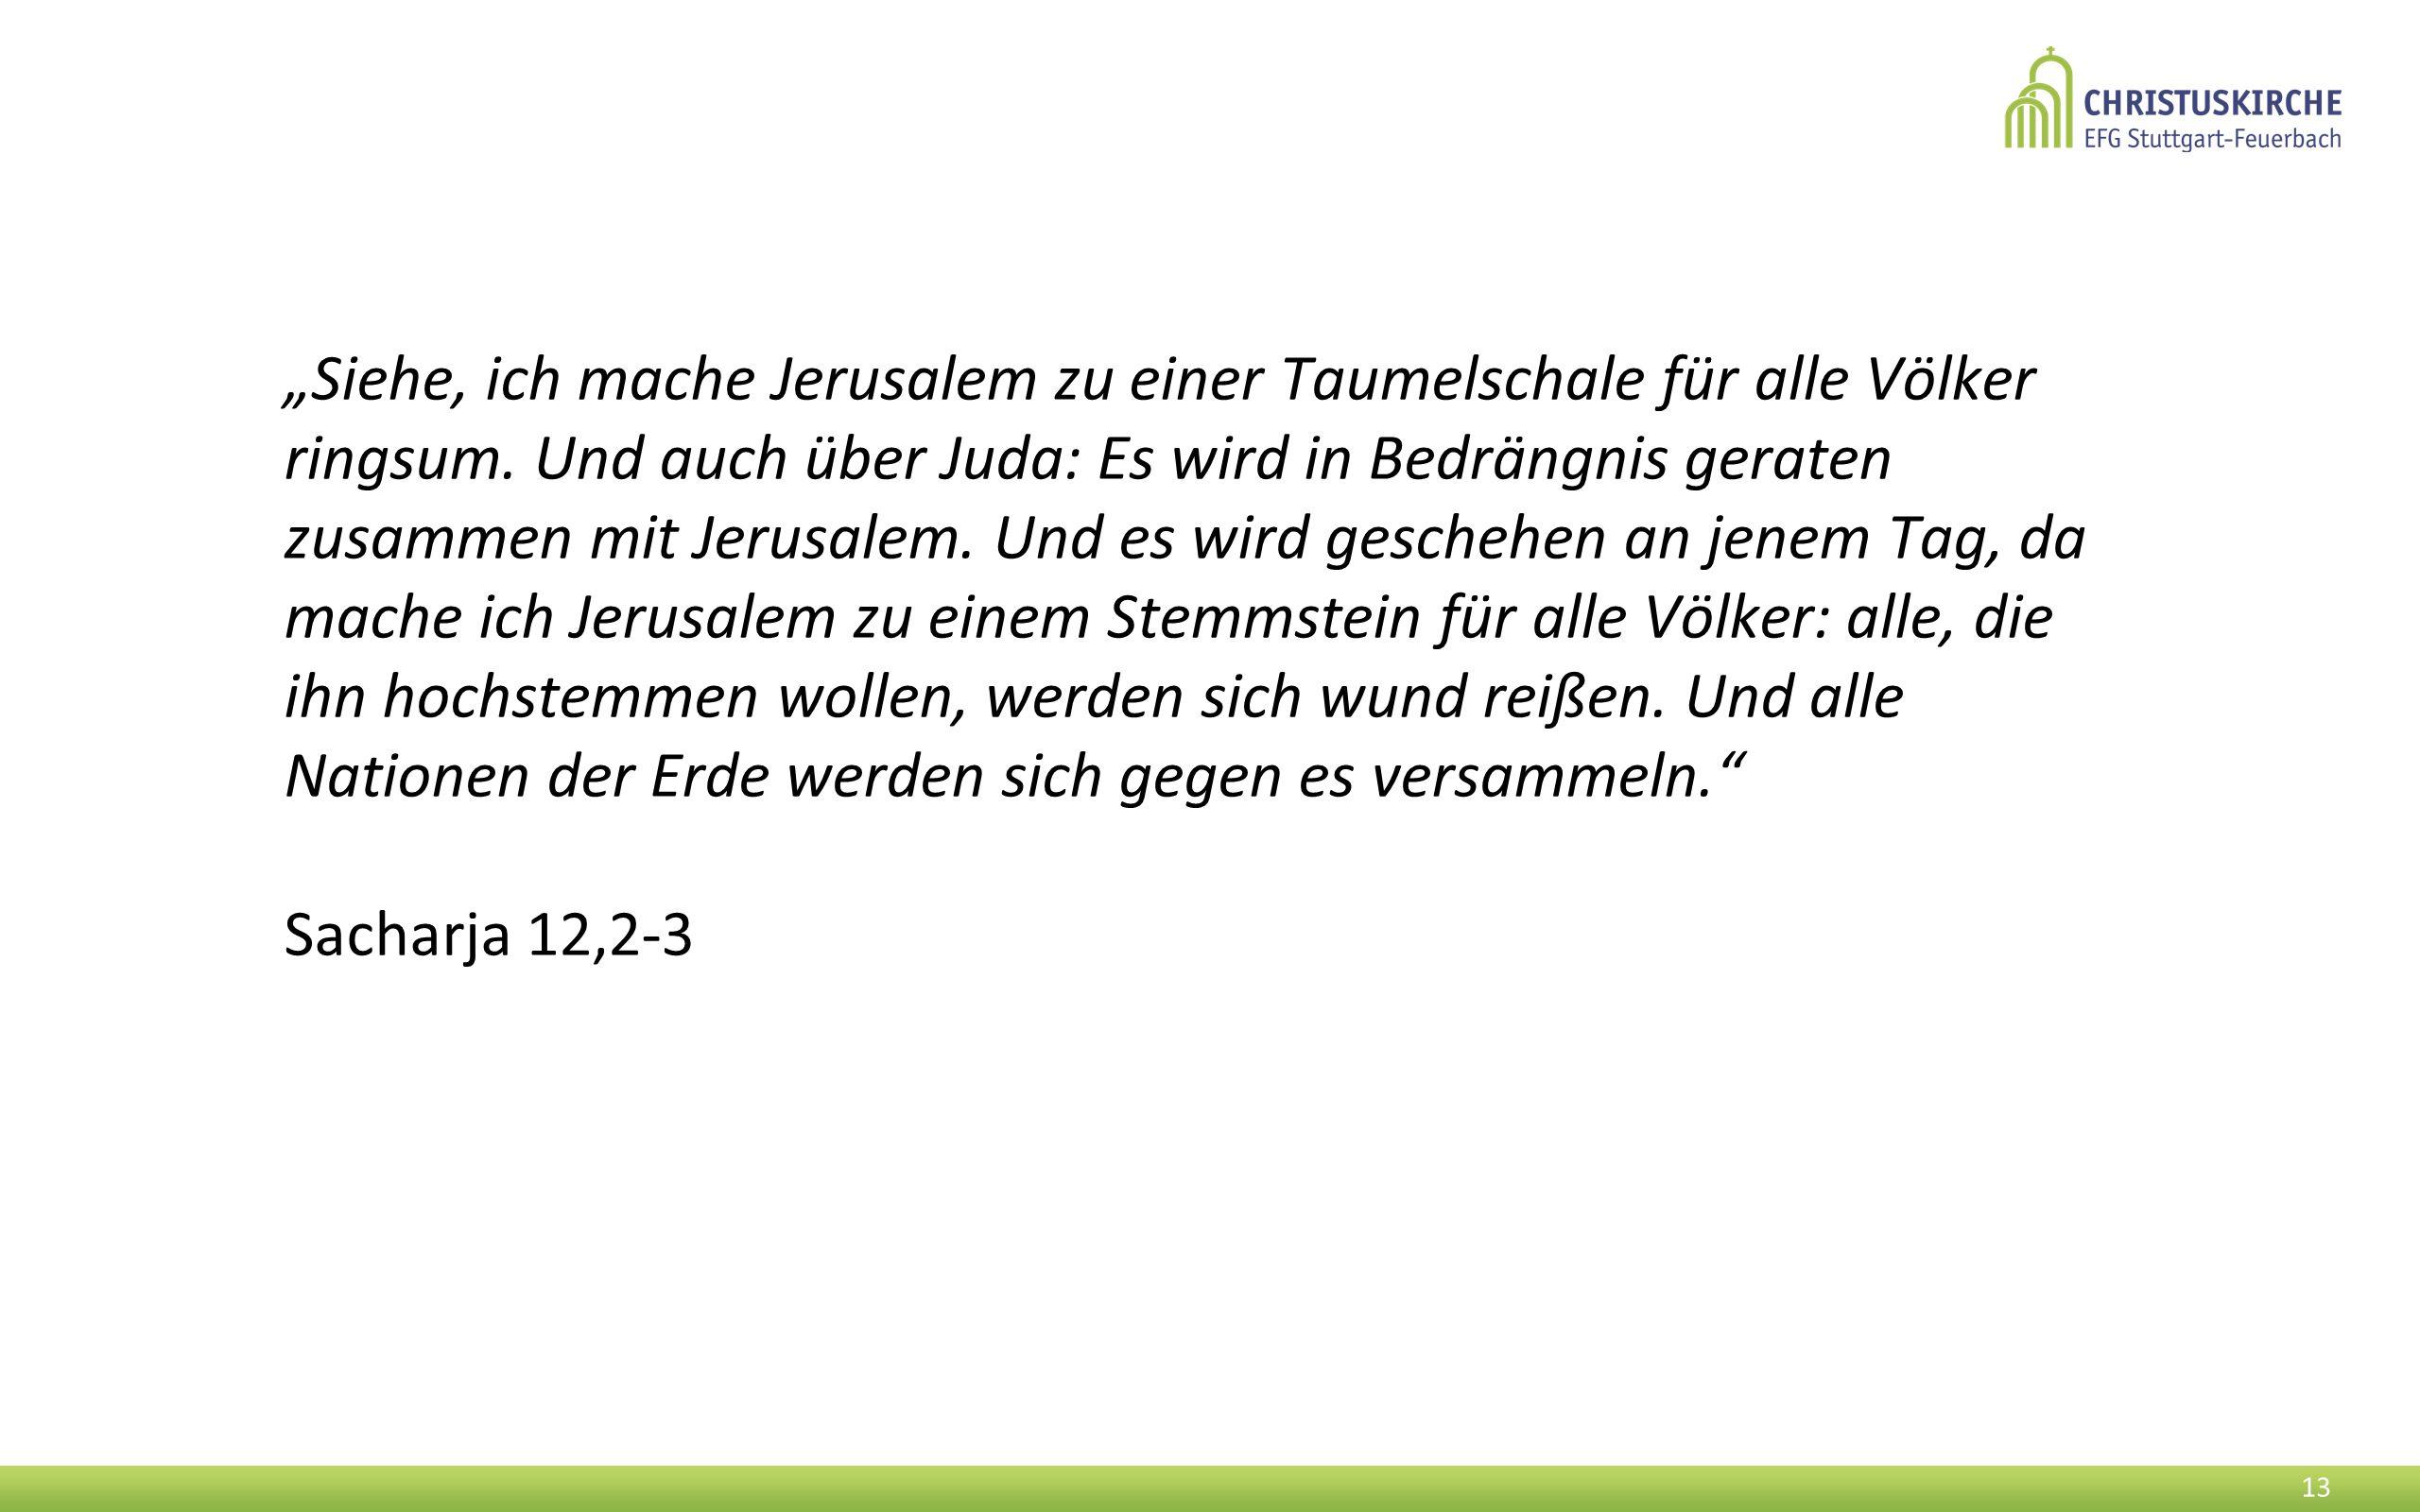 """""""Siehe, ich mache Jerusalem zu einer Taumelschale für alle Völker ringsum."""